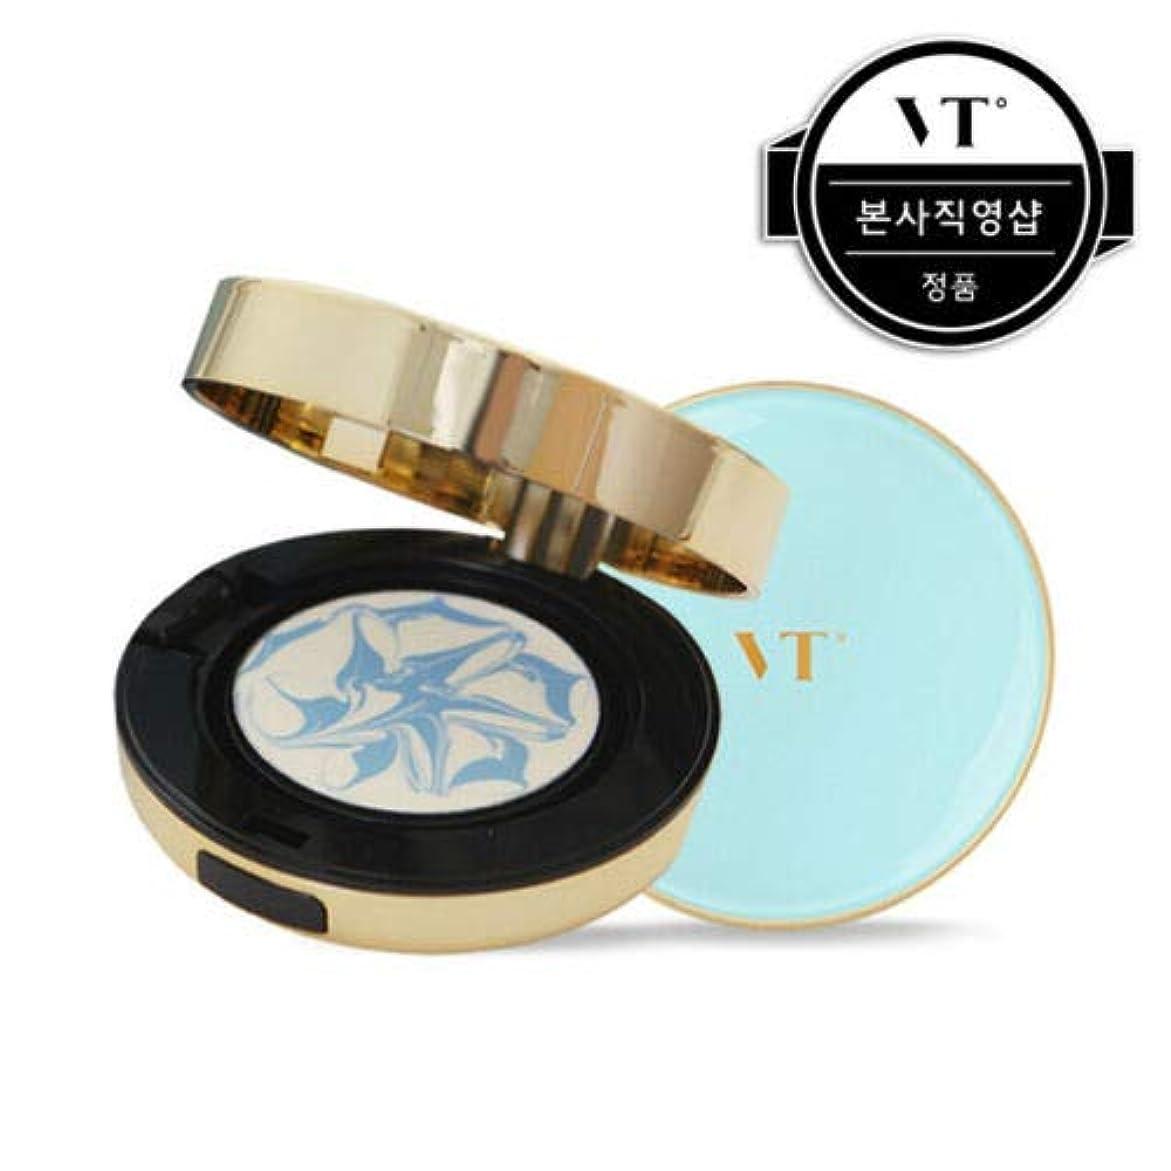 手荷物アクティビティ承知しましたVT Cosmetic Essence Sun Pact エッセンス サン パクト 本品11g + リフィール 11g, SPF50+/PA+++